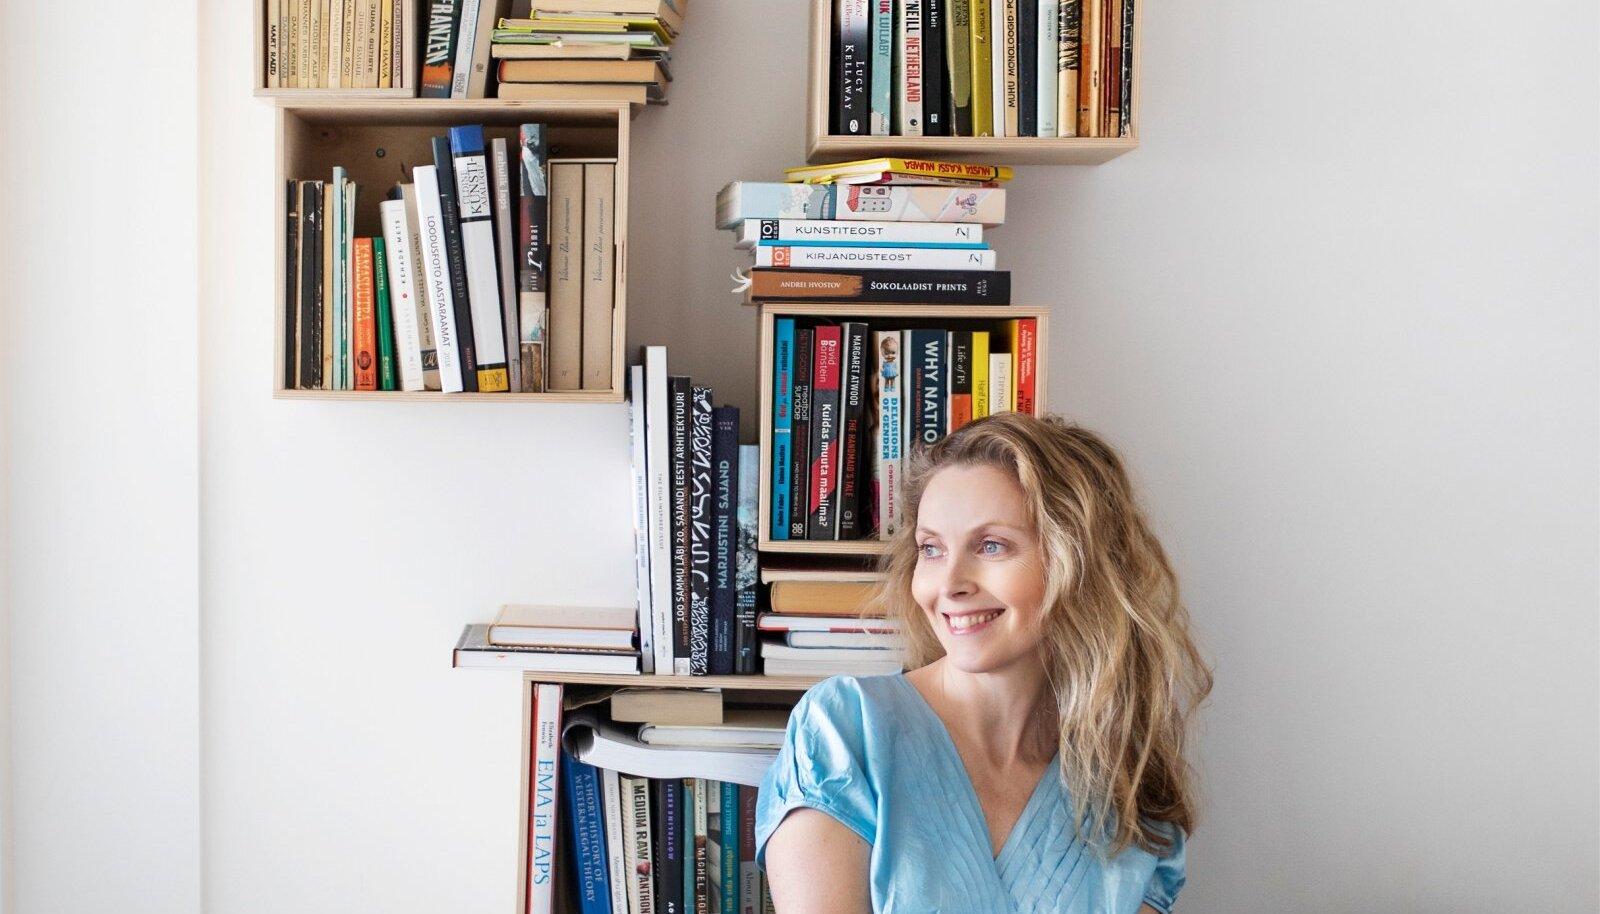 Karin Rask loeb igal võimalikul hetkel ja ükskõik mis asendis.